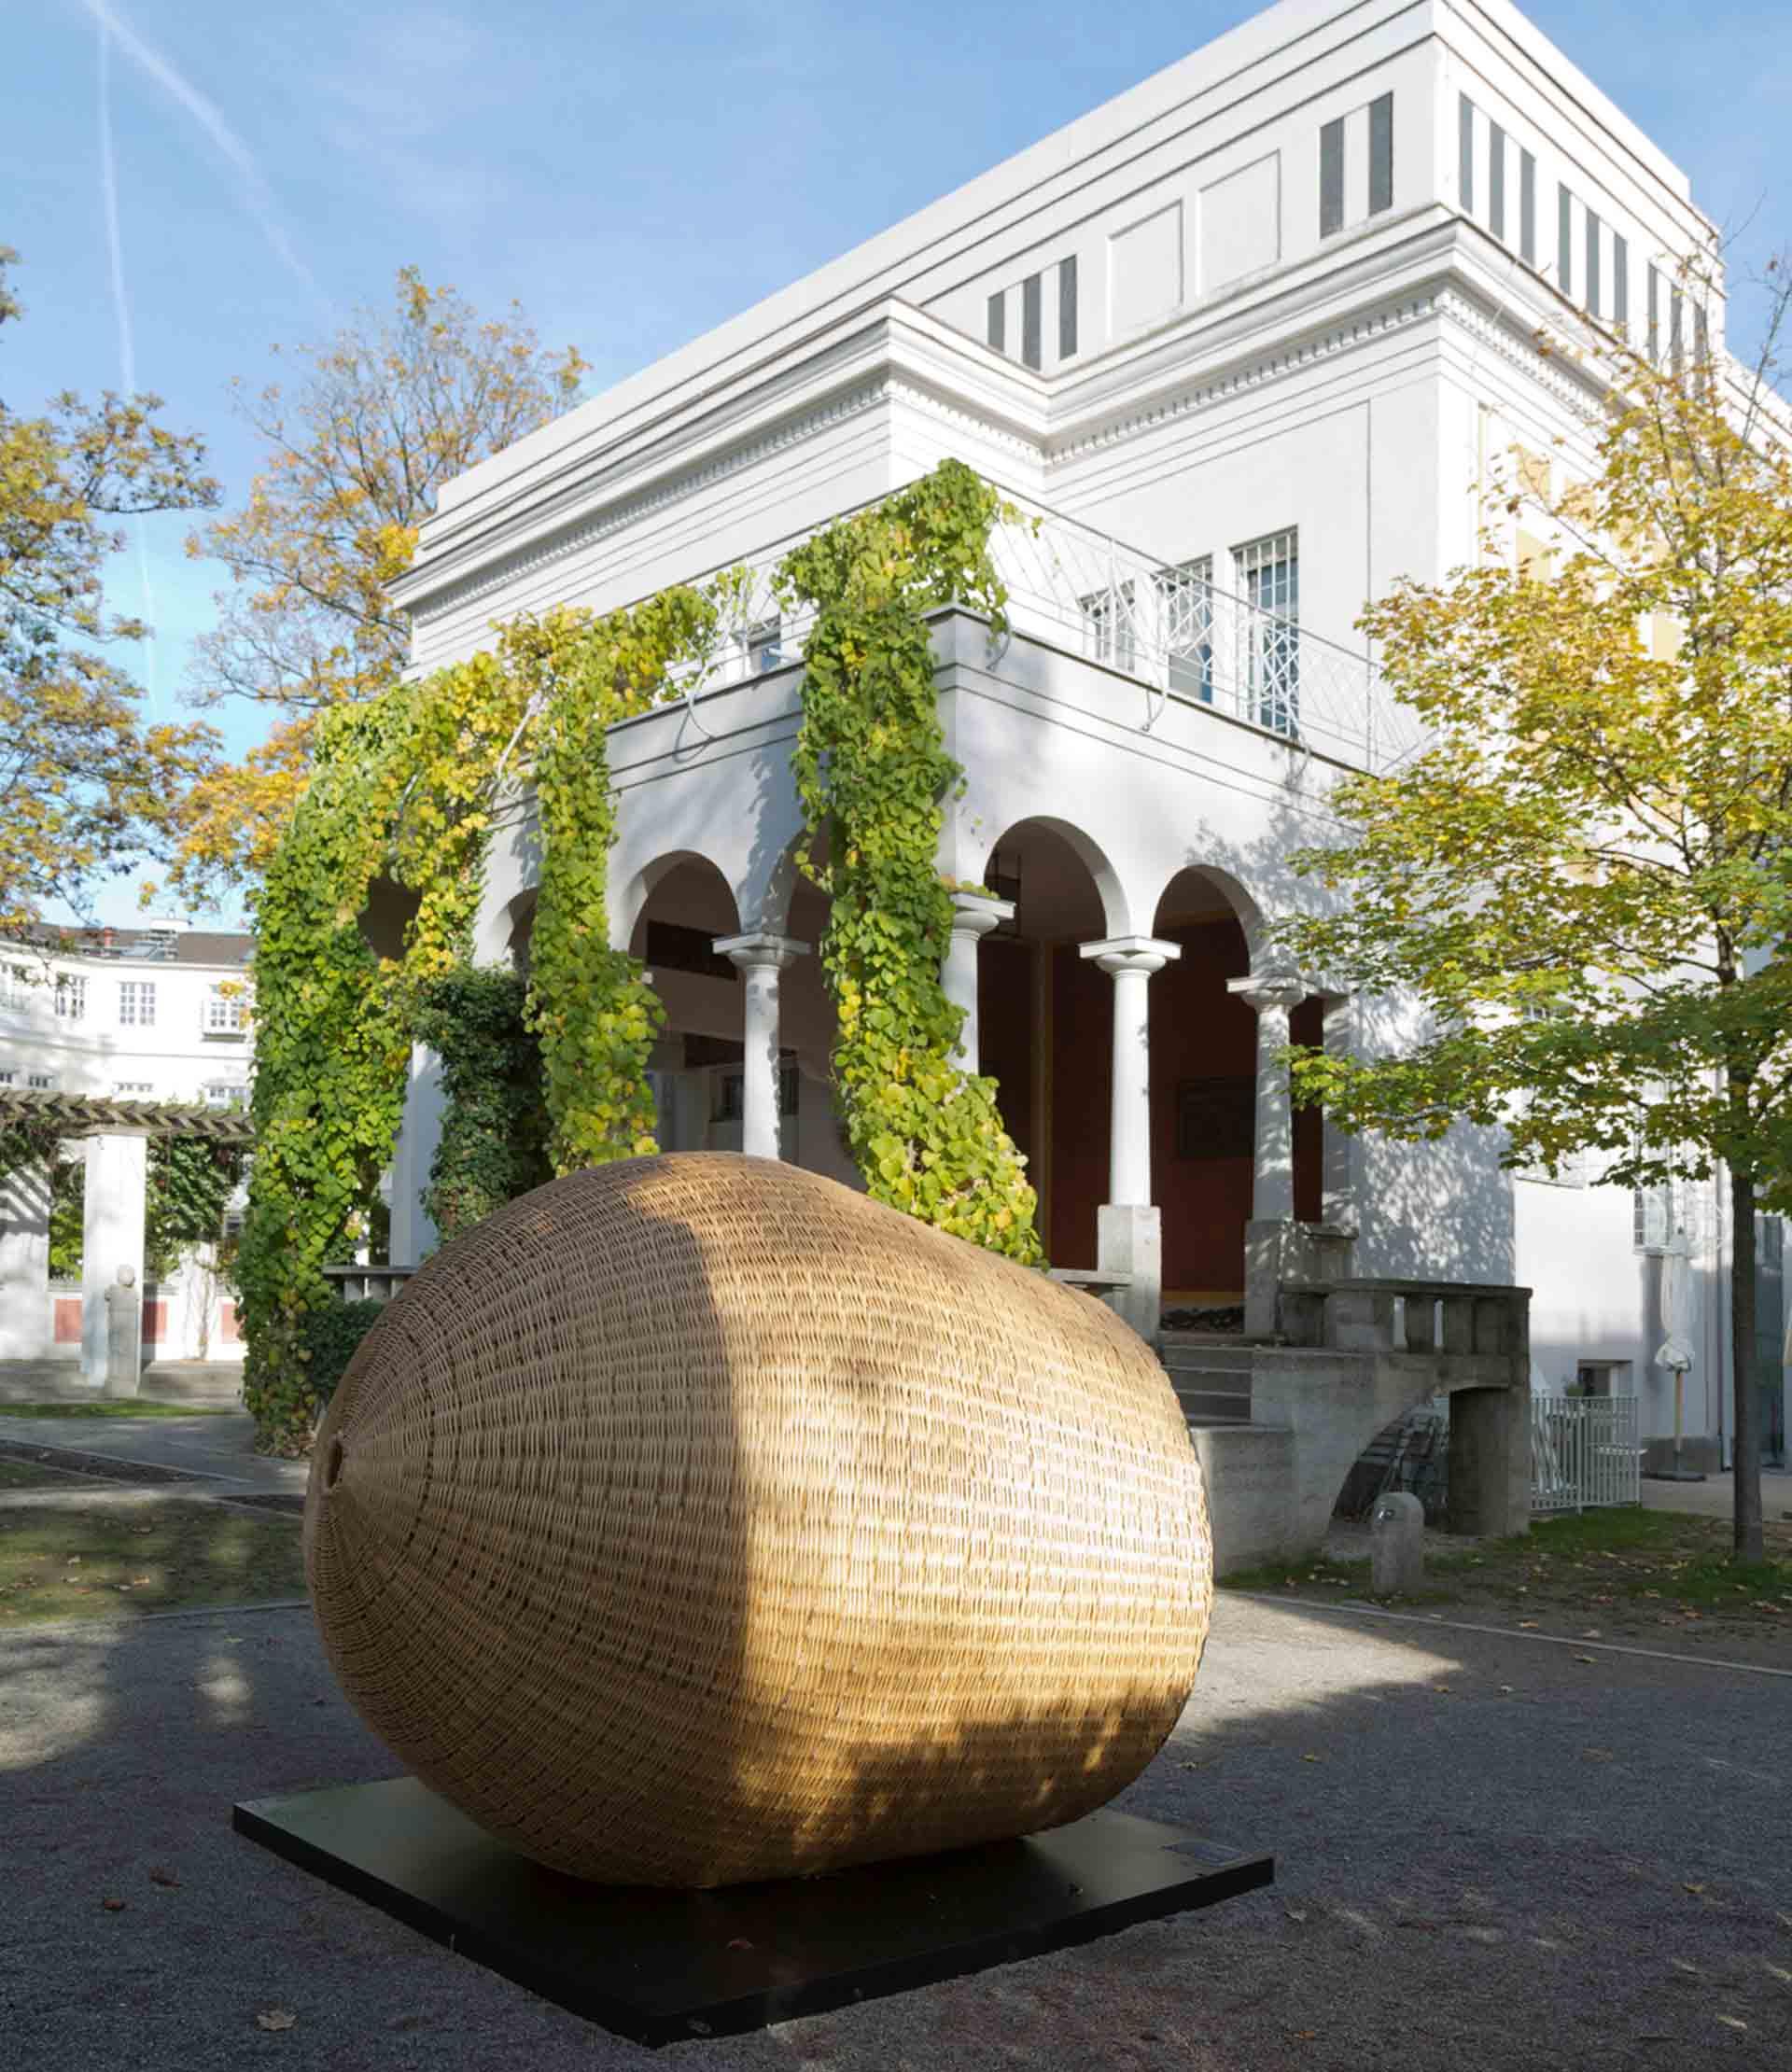 Villa-Stuck, Flechter-Ei, Emmanuel Heringer, Dannerpreis